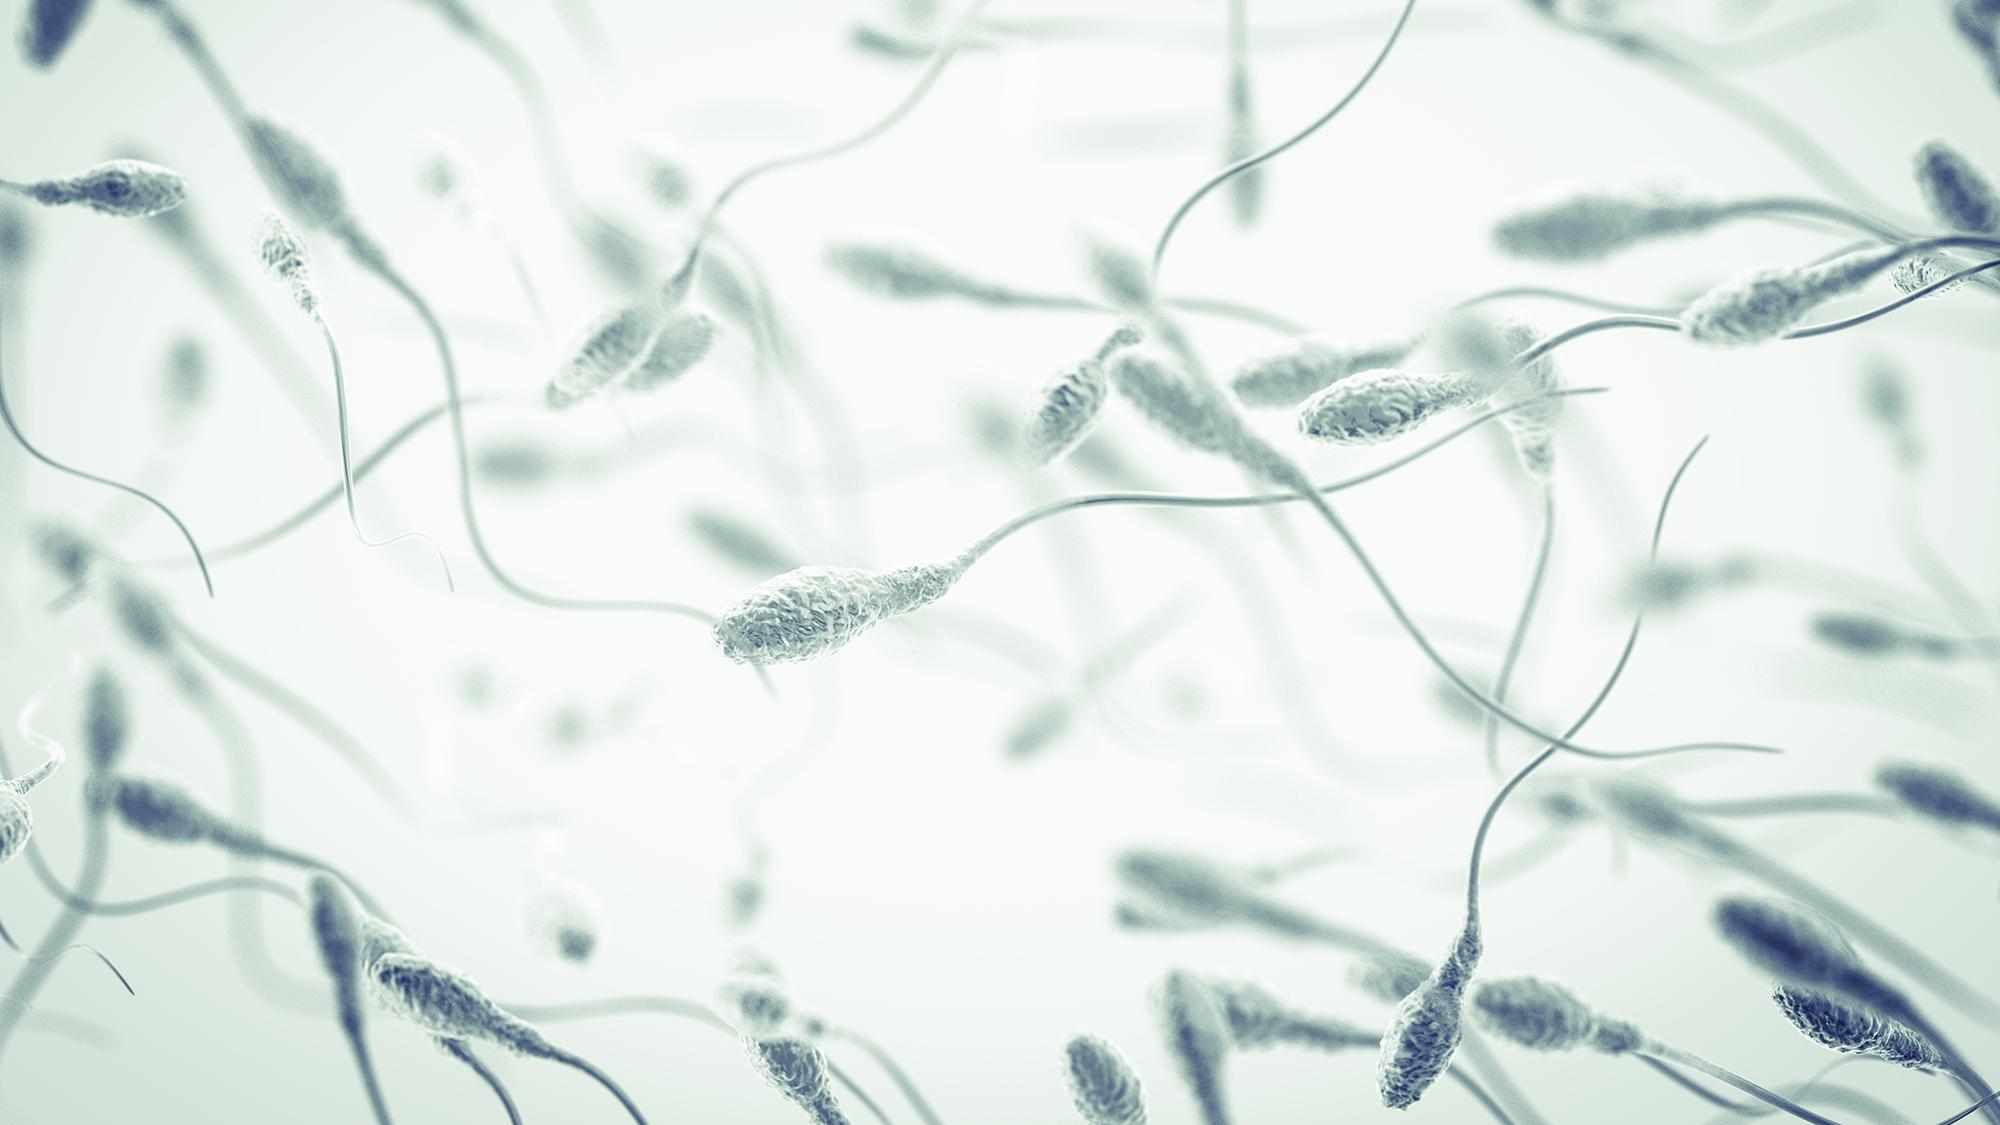 wo werden die spermien gebildet